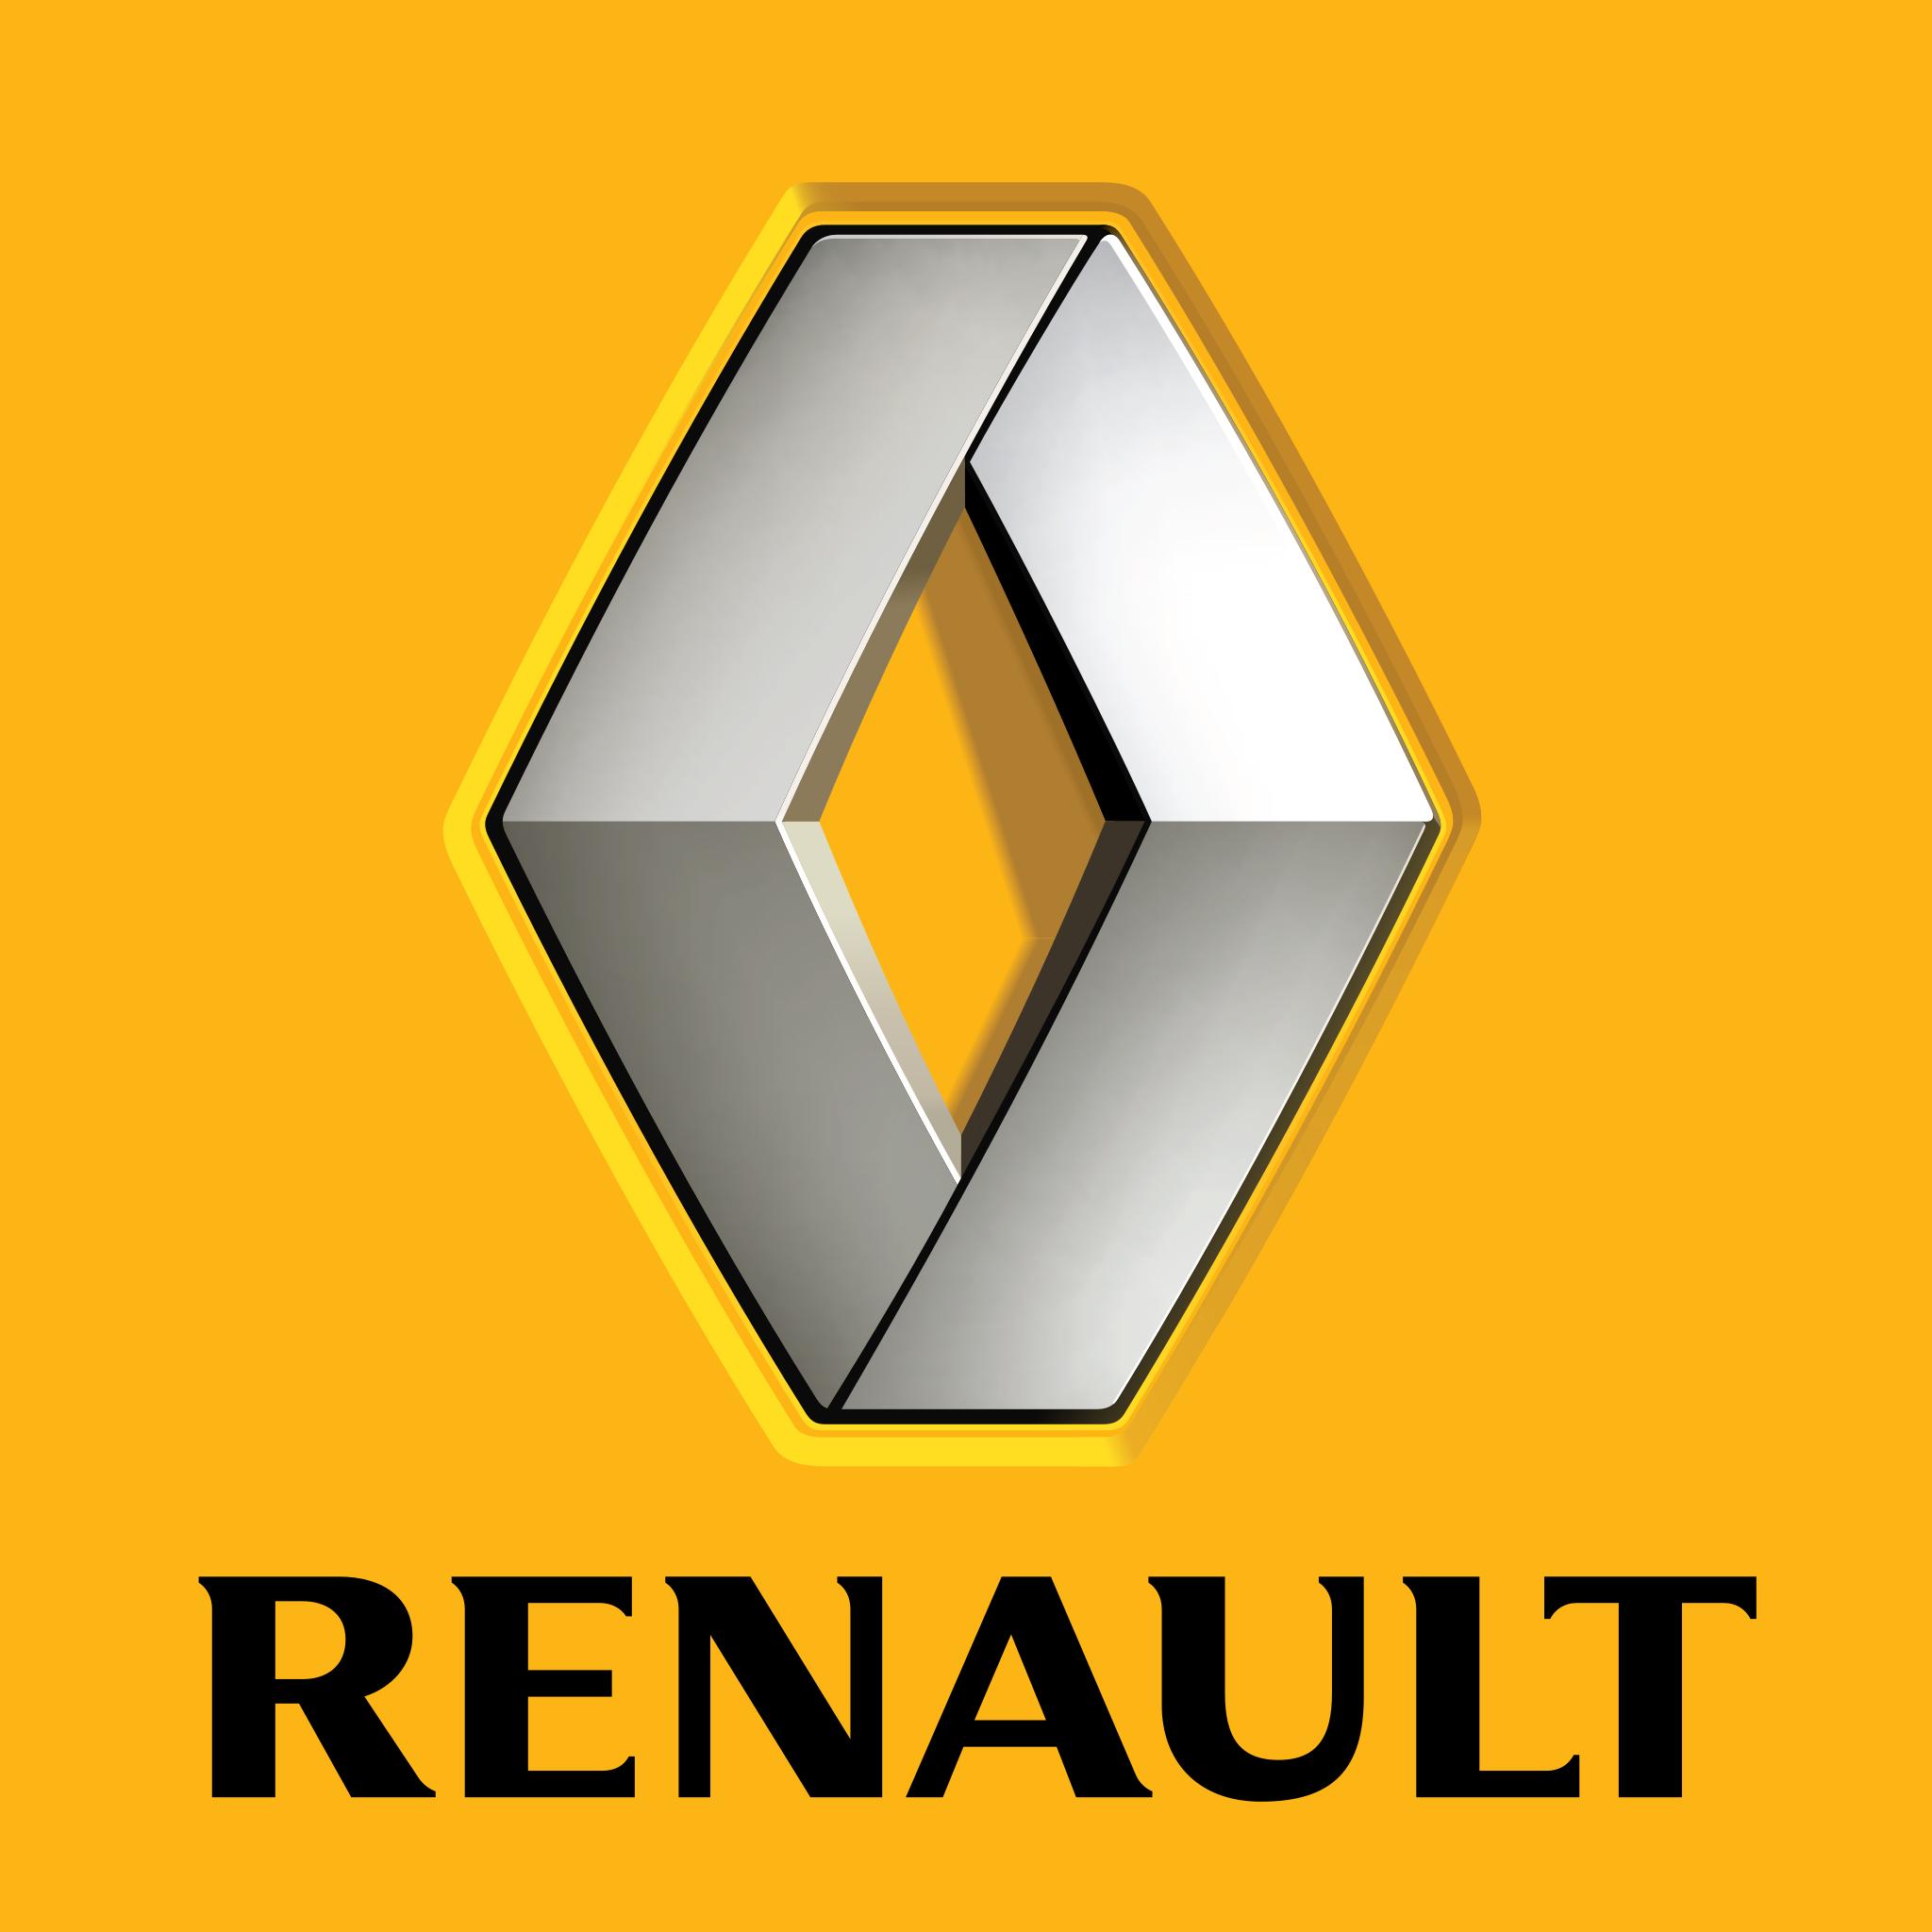 Resultado de imagen de renault logo png